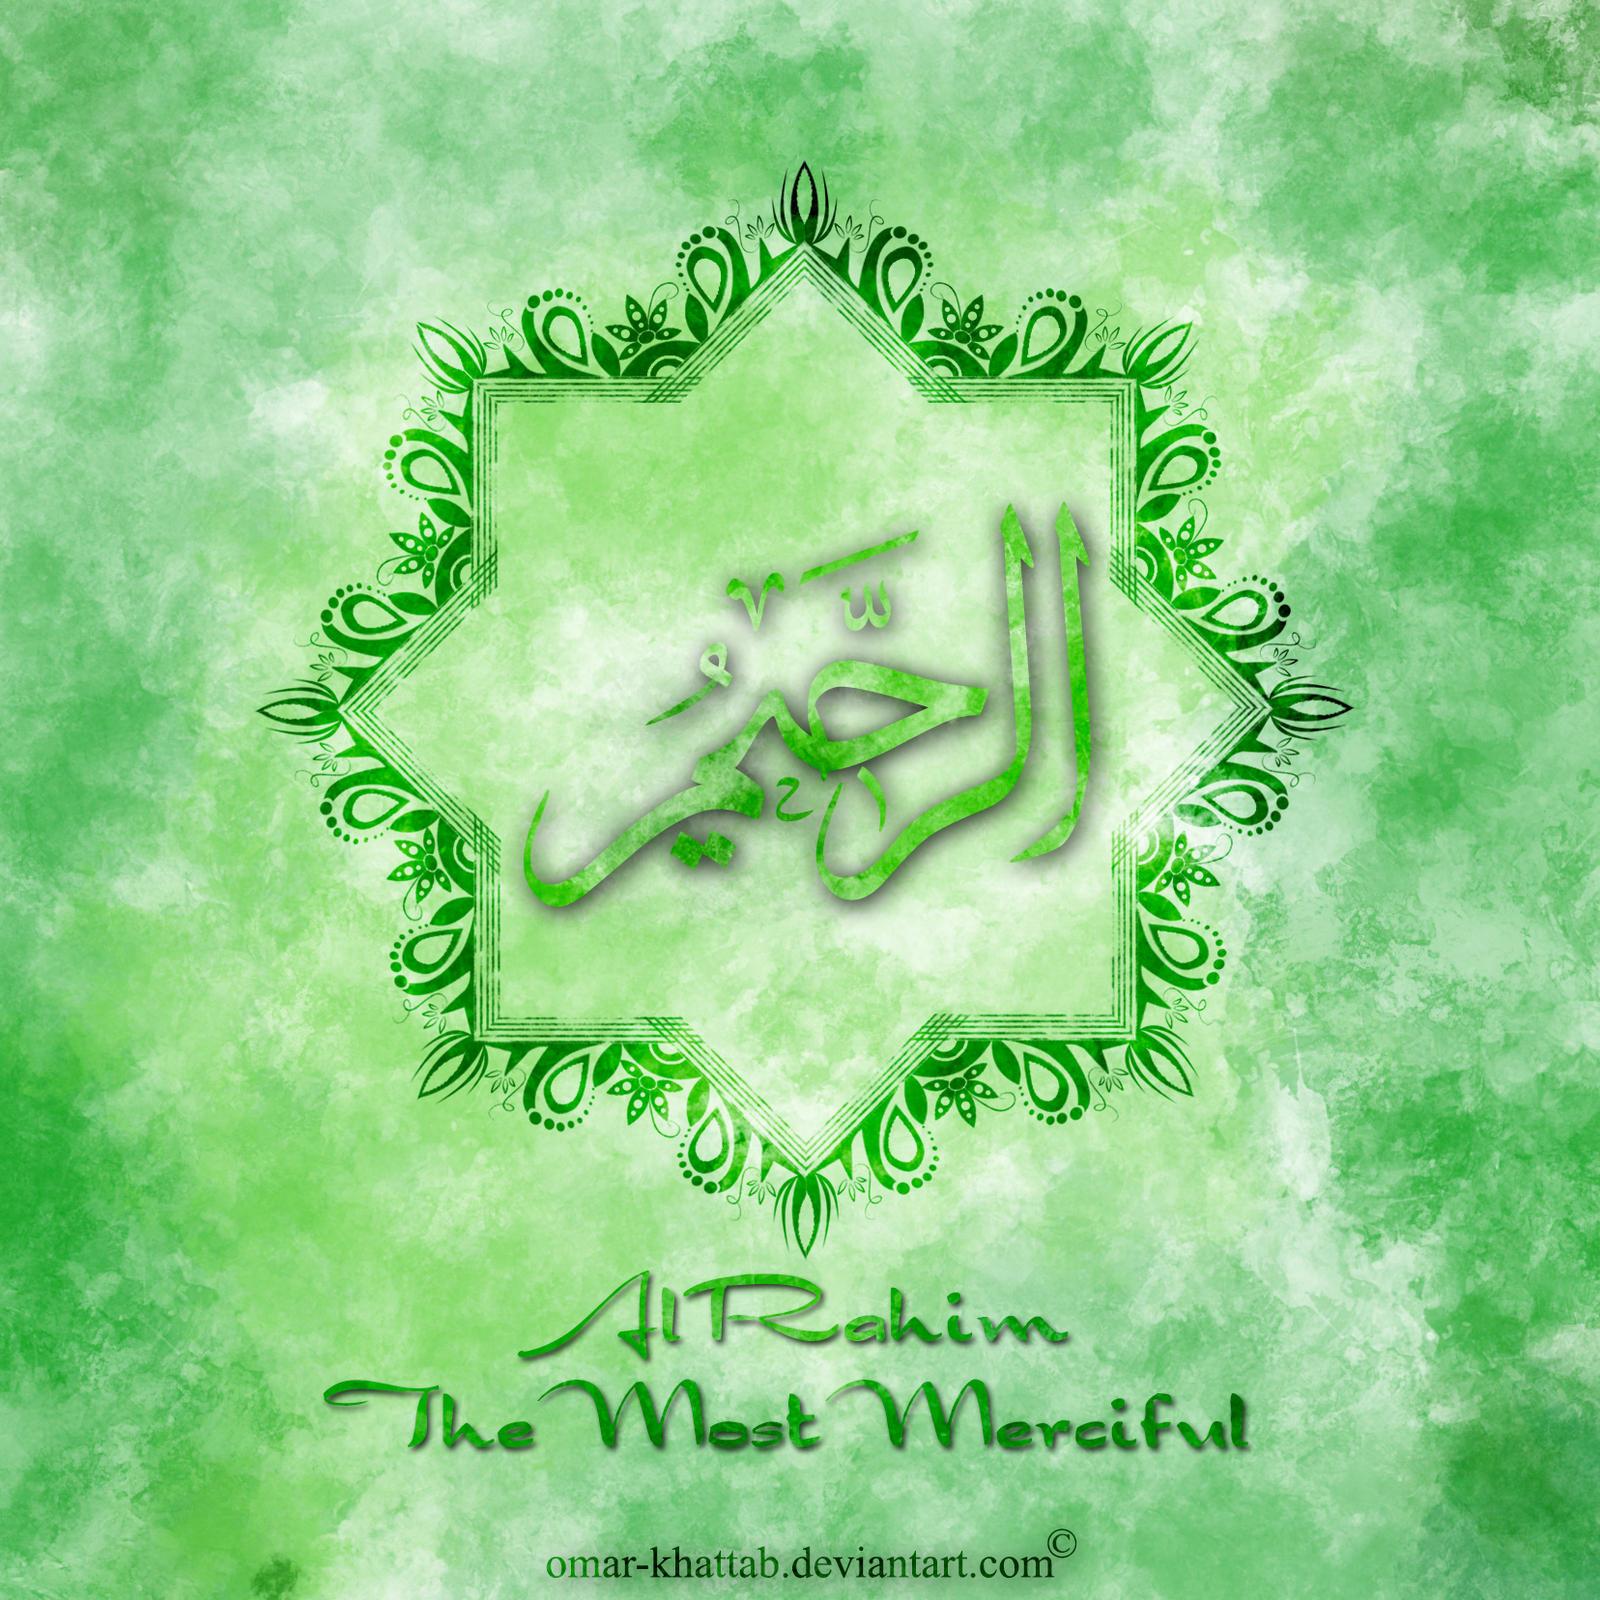 Al Rahim by Omar-Khattab